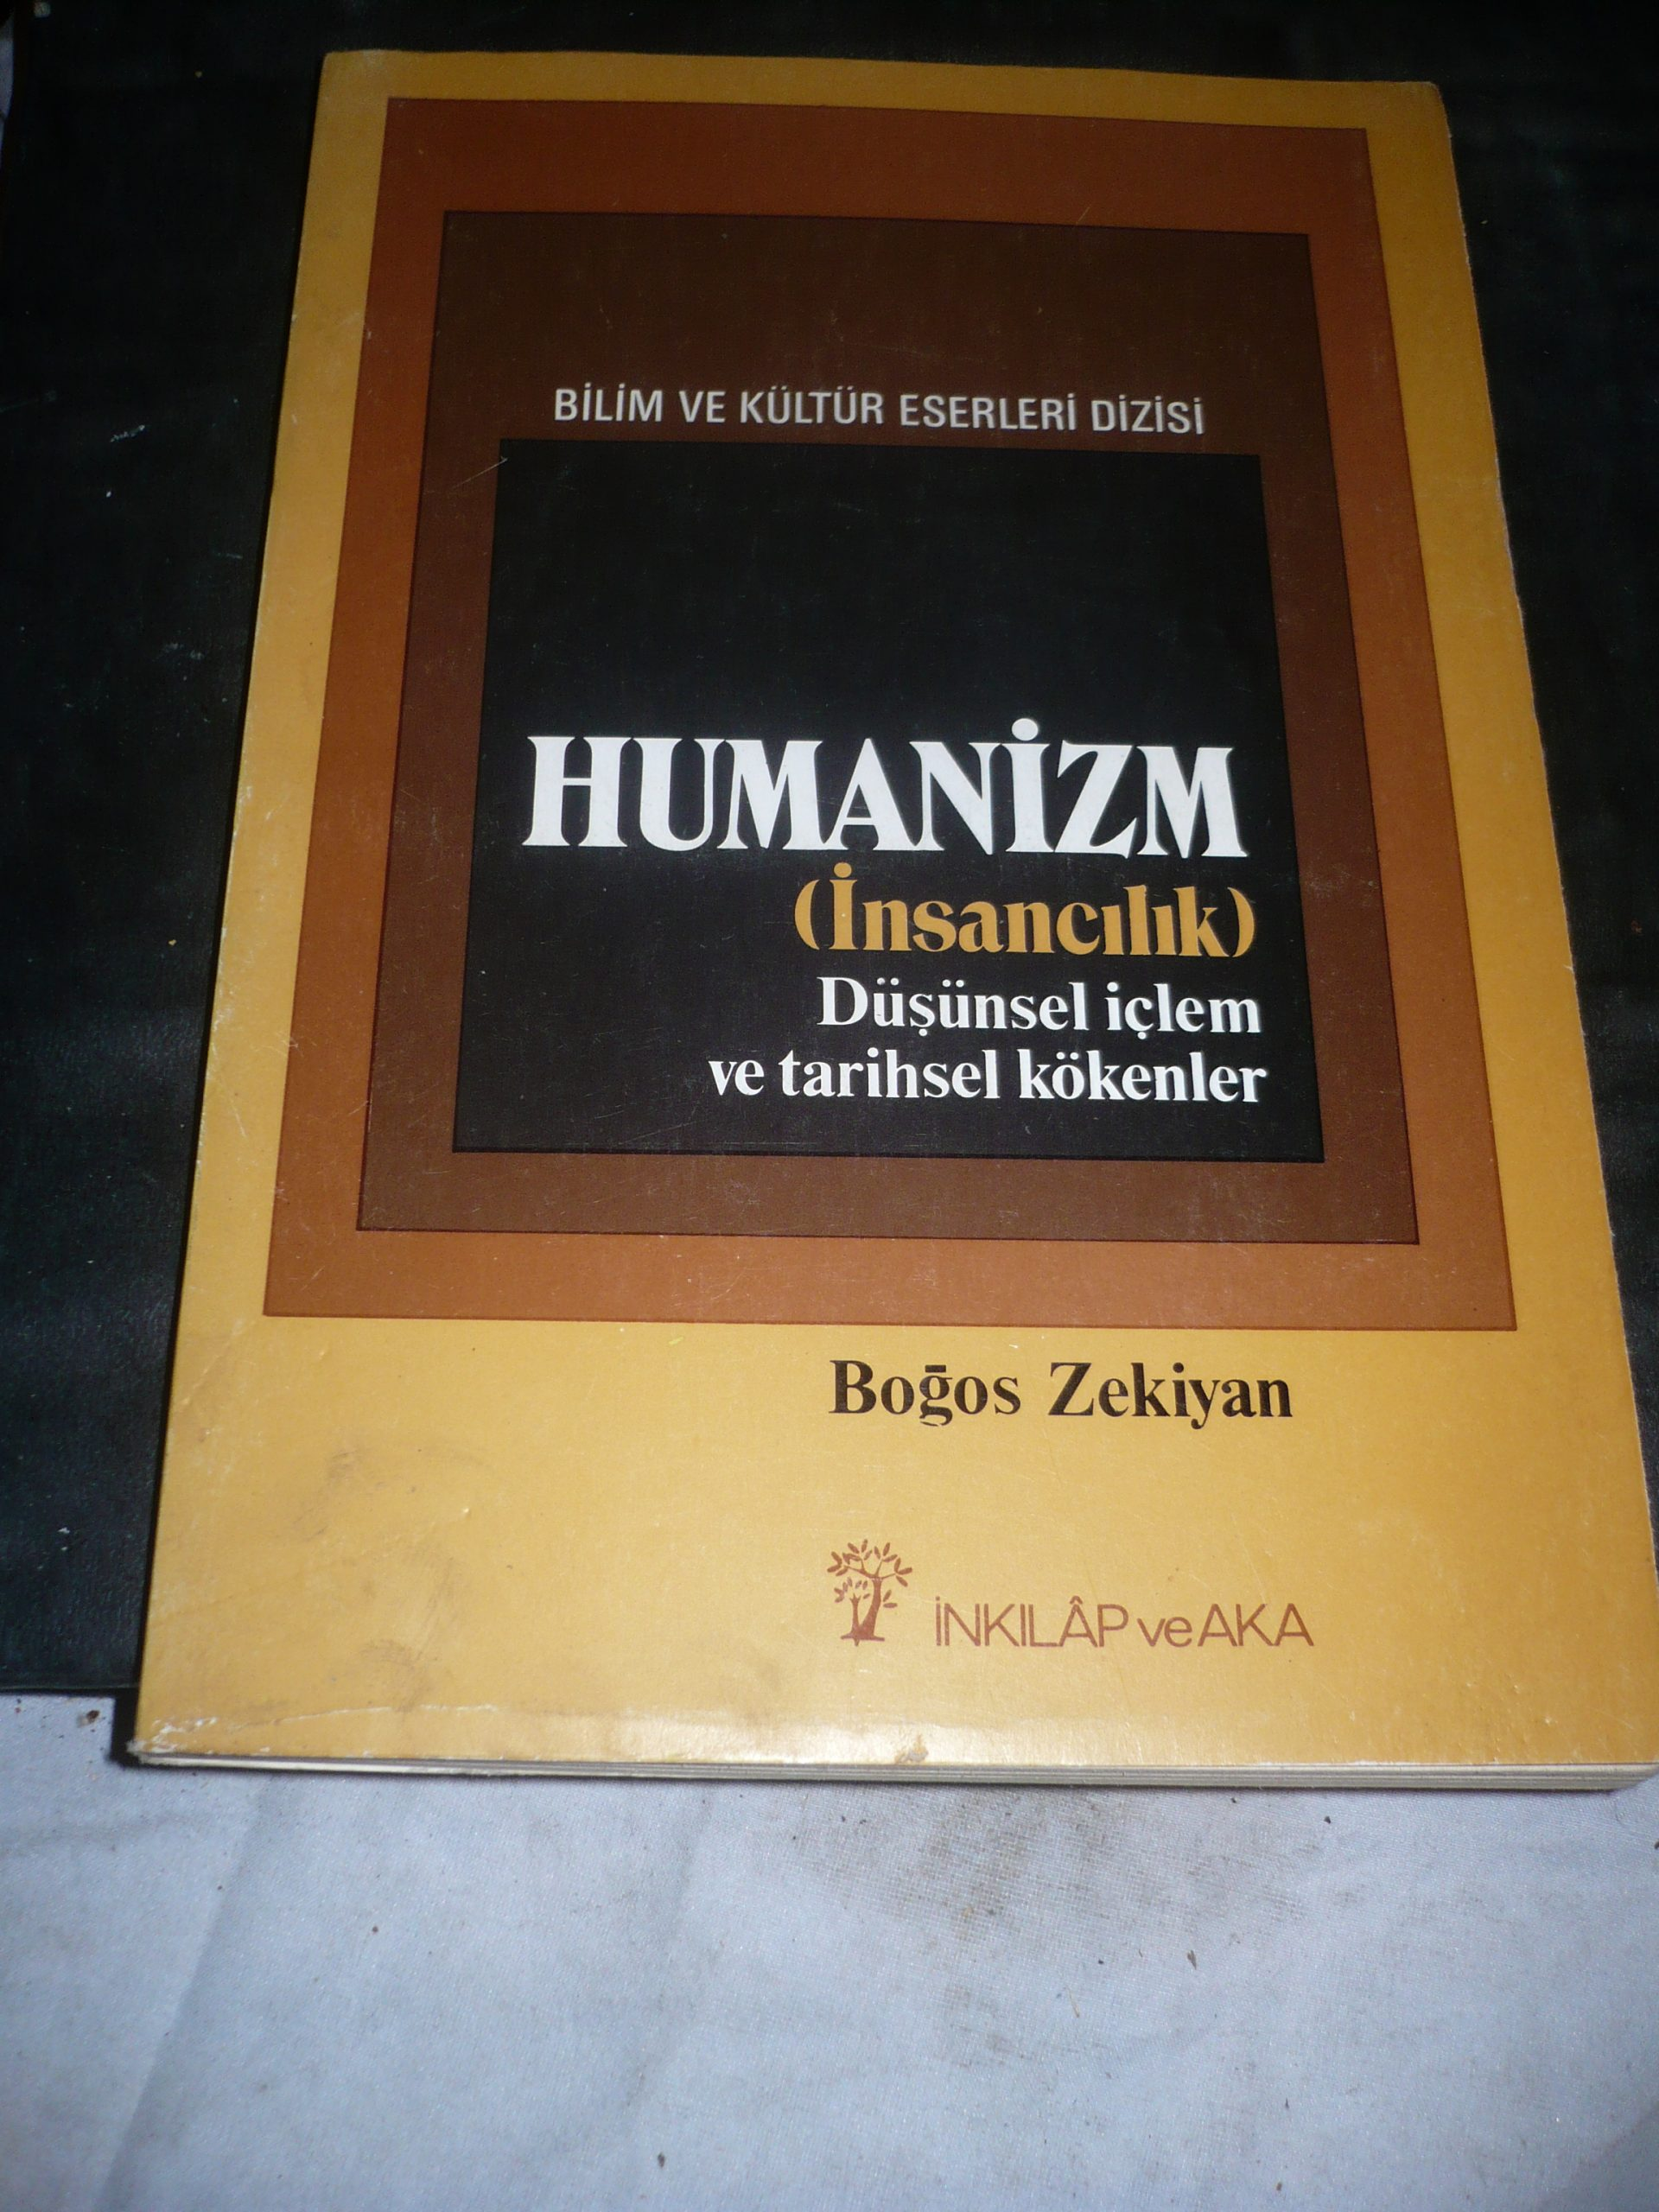 HÜMANİZMA(İnsancılık)Düşünsel içlem ve tarihsel kökenler /Boğos ZEKİYAN/15 tl